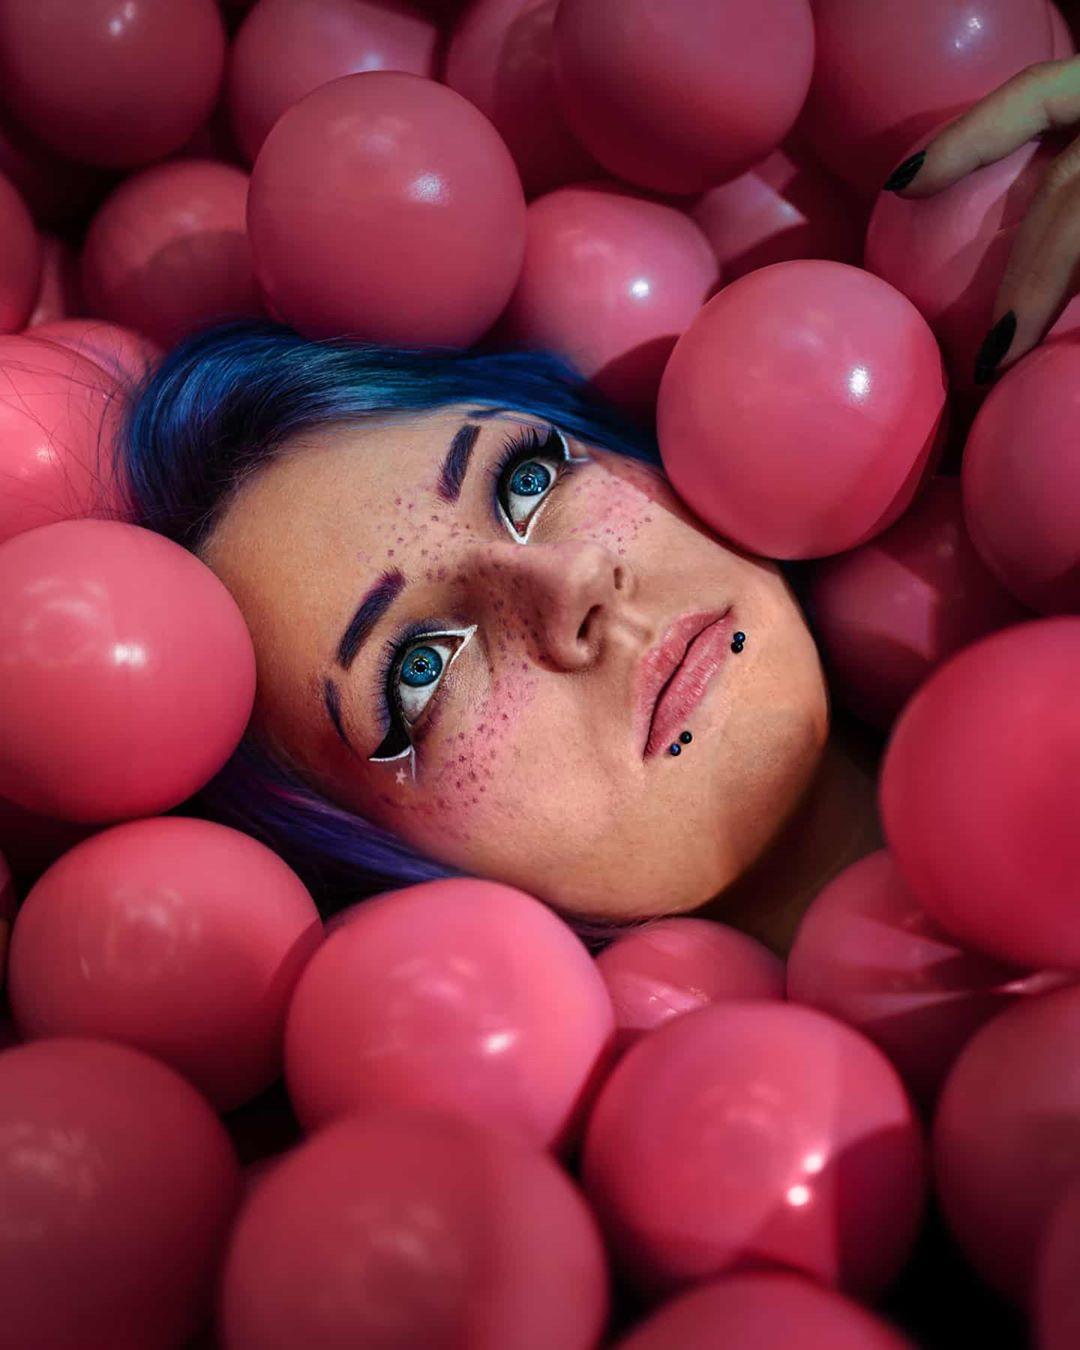 Tác hại của rượu-Cô gái và những trái bóng hồng.